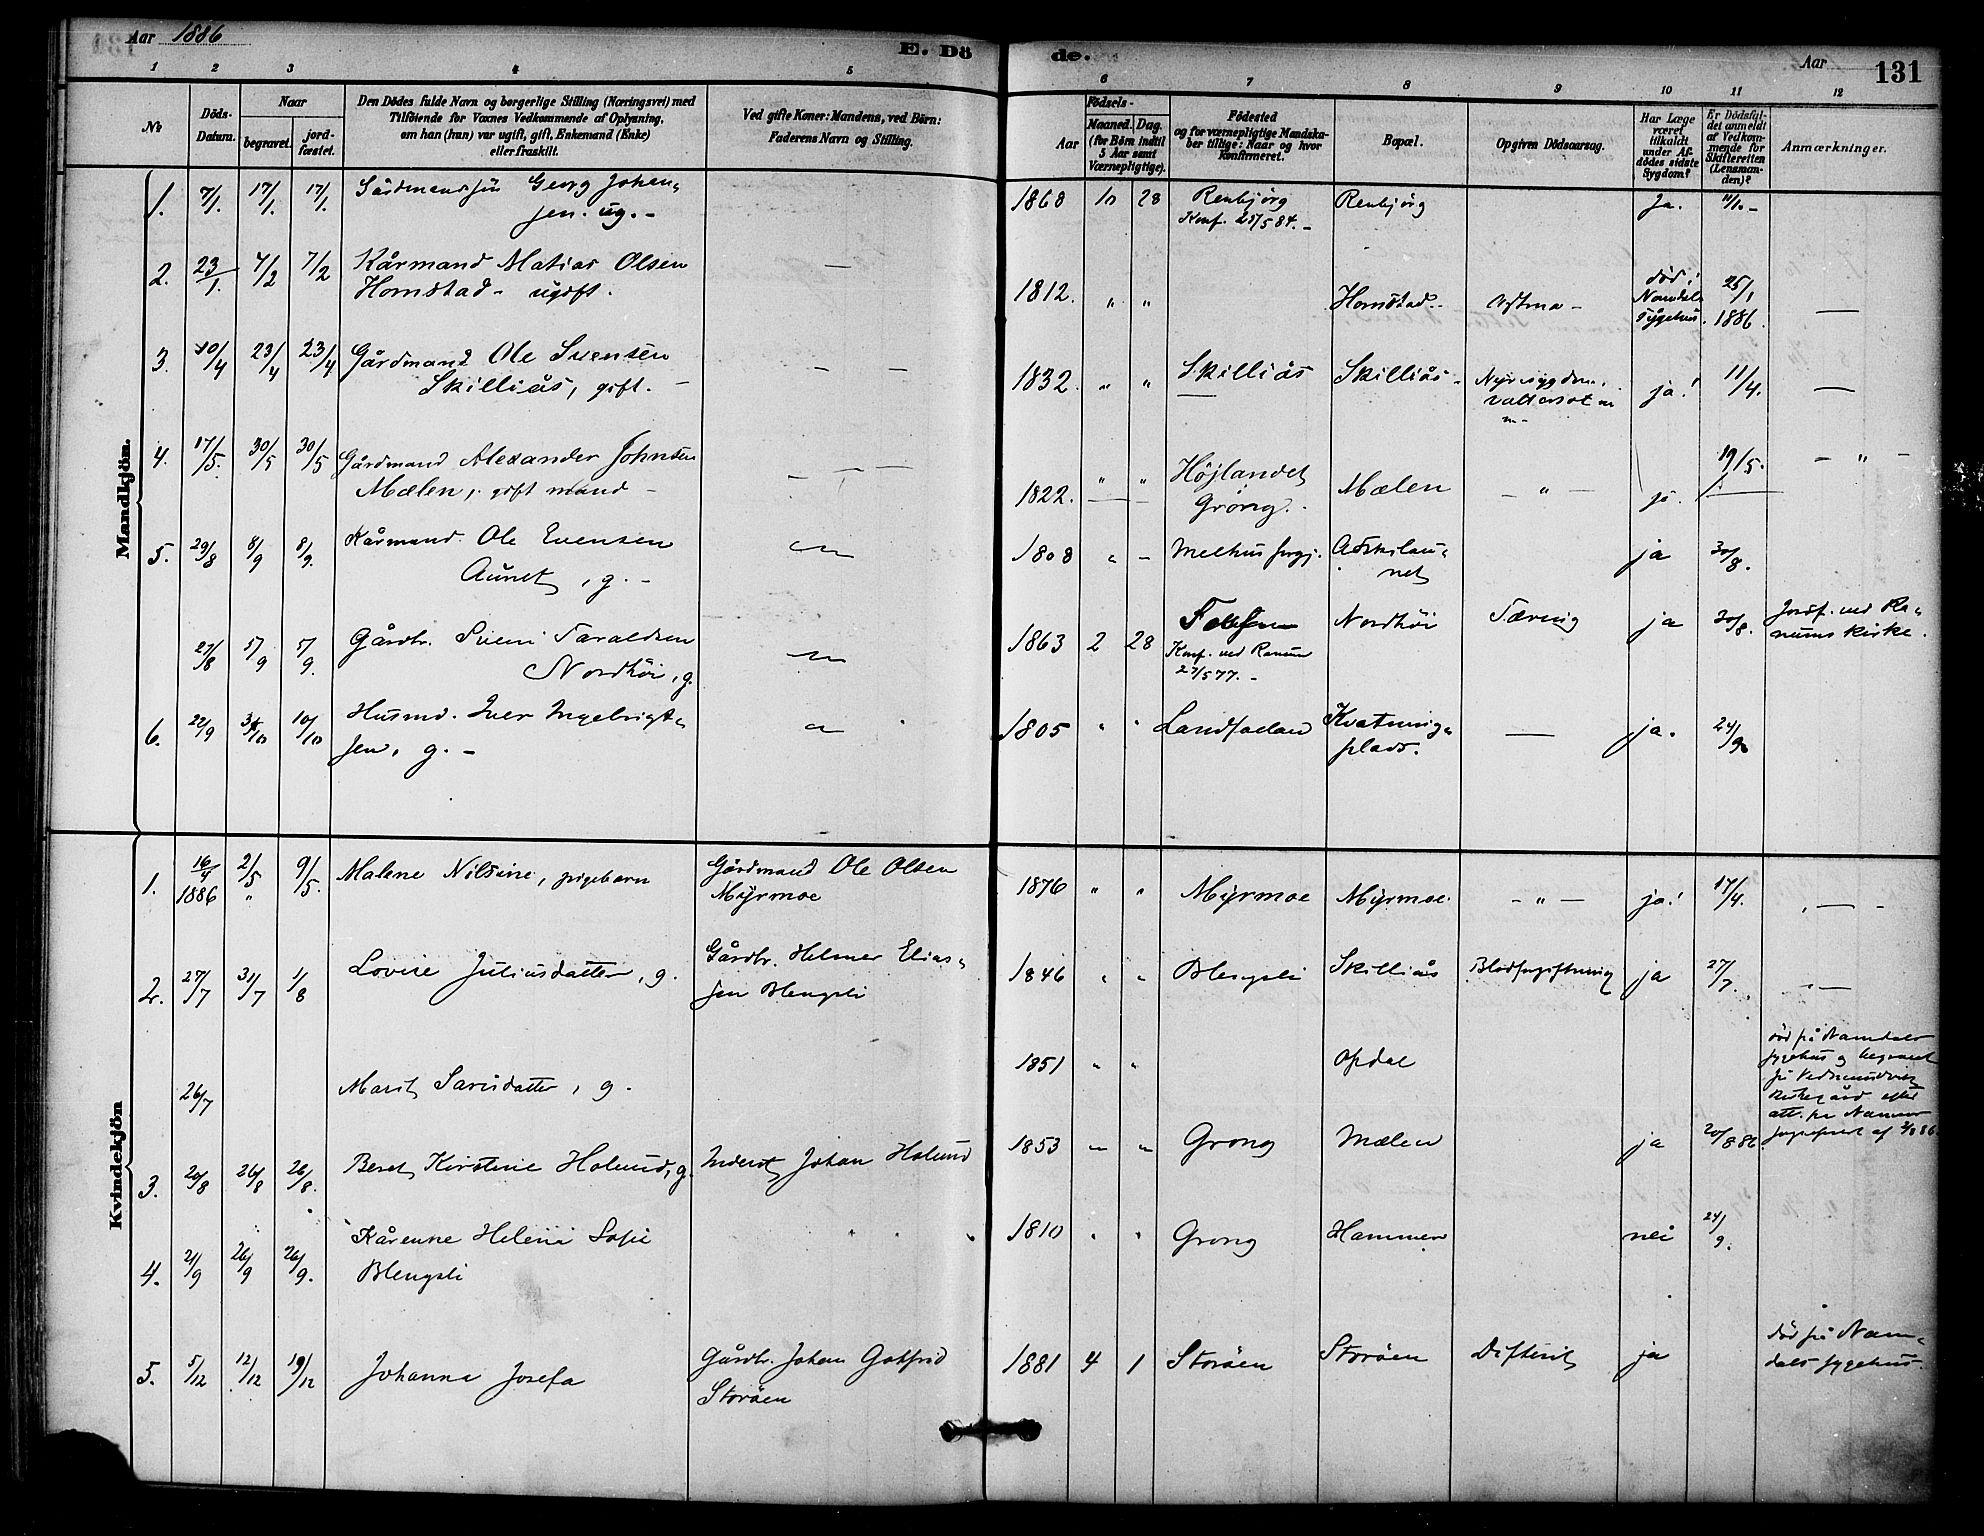 SAT, Ministerialprotokoller, klokkerbøker og fødselsregistre - Nord-Trøndelag, 766/L0563: Ministerialbok nr. 767A01, 1881-1899, s. 131